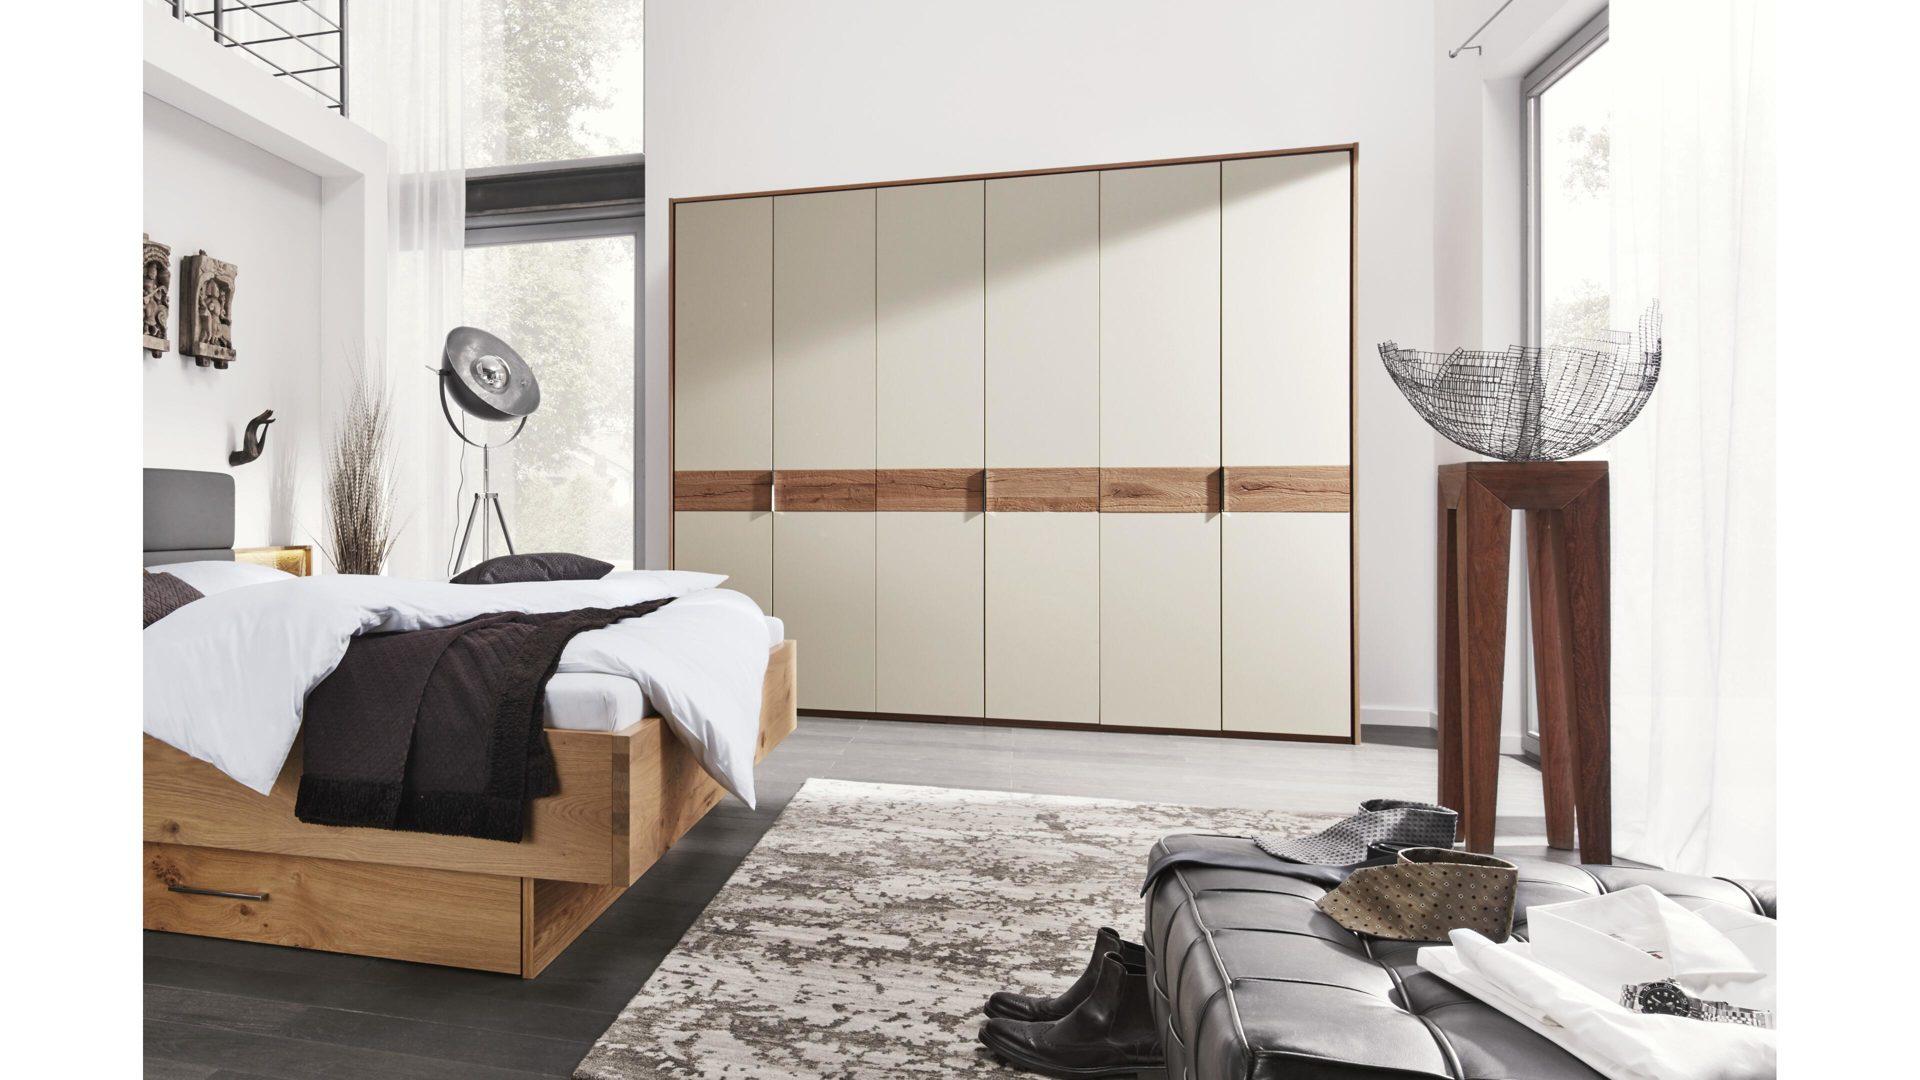 Interliving Schlafzimmer Serie 1002 – Kleiderschrank, sandfarbener Lack &  Balkeneiche-Echtholzfurnier – sechs Türen